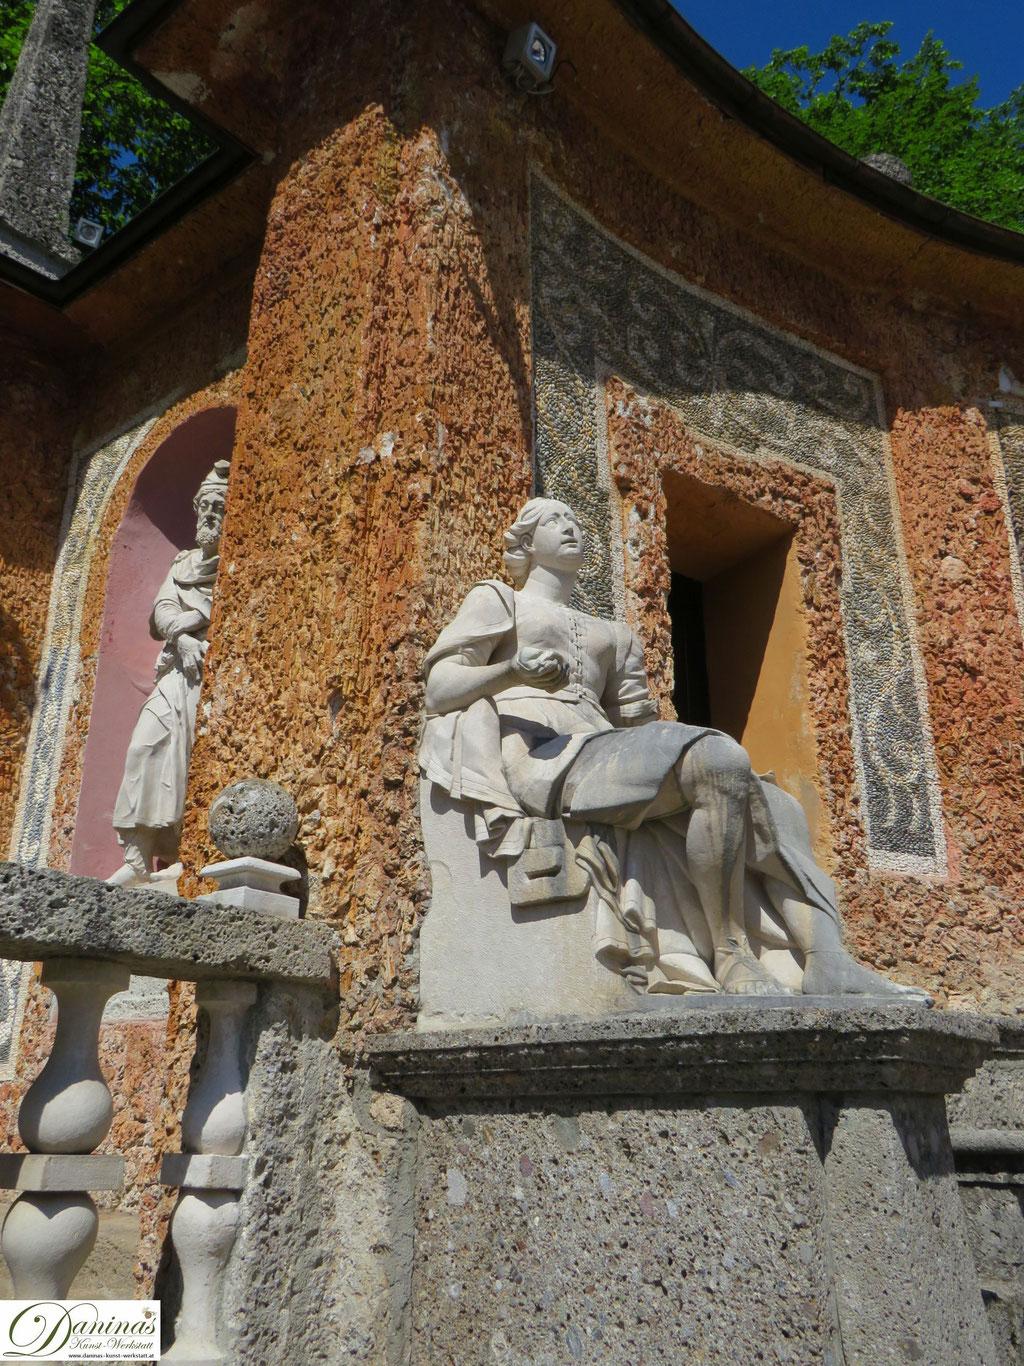 Theatrum Wasserspiele Hellbrunn. Figur trauernde Frau des gefangenen Germanenfürsts